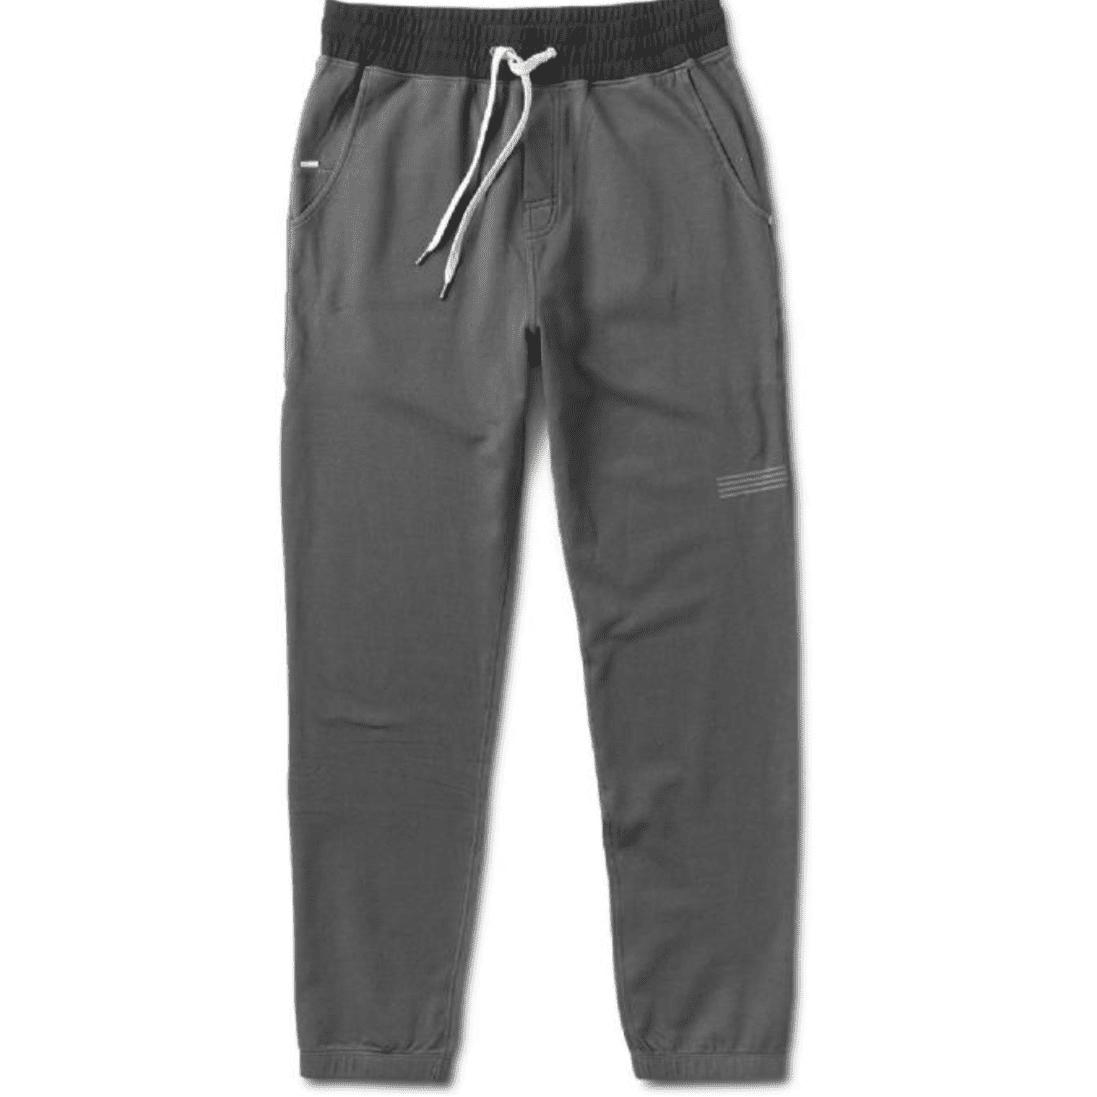 dbf17ea592a69c Most Comfortable: Vuori Balboa Pants - Men's